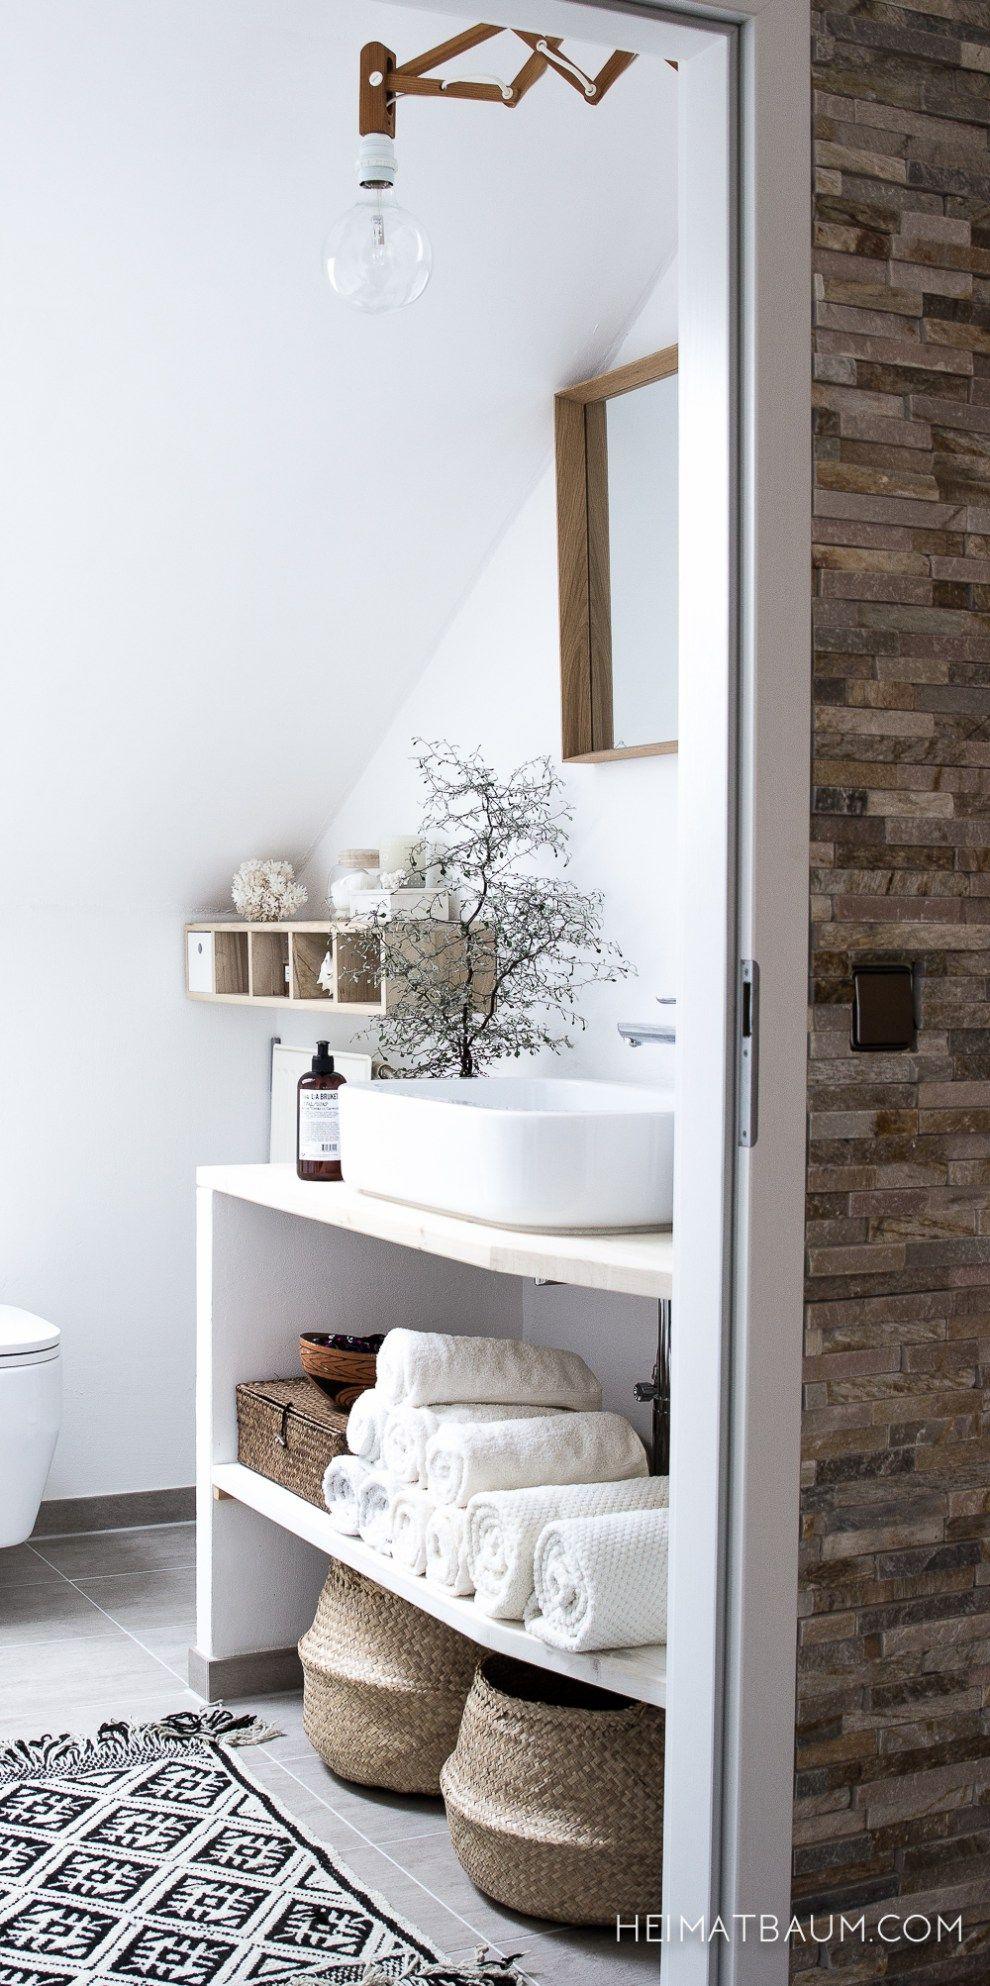 Badezimmer design ideen klein tipps für kleine badezimmer  heimatbaum  inspiring bathrooms